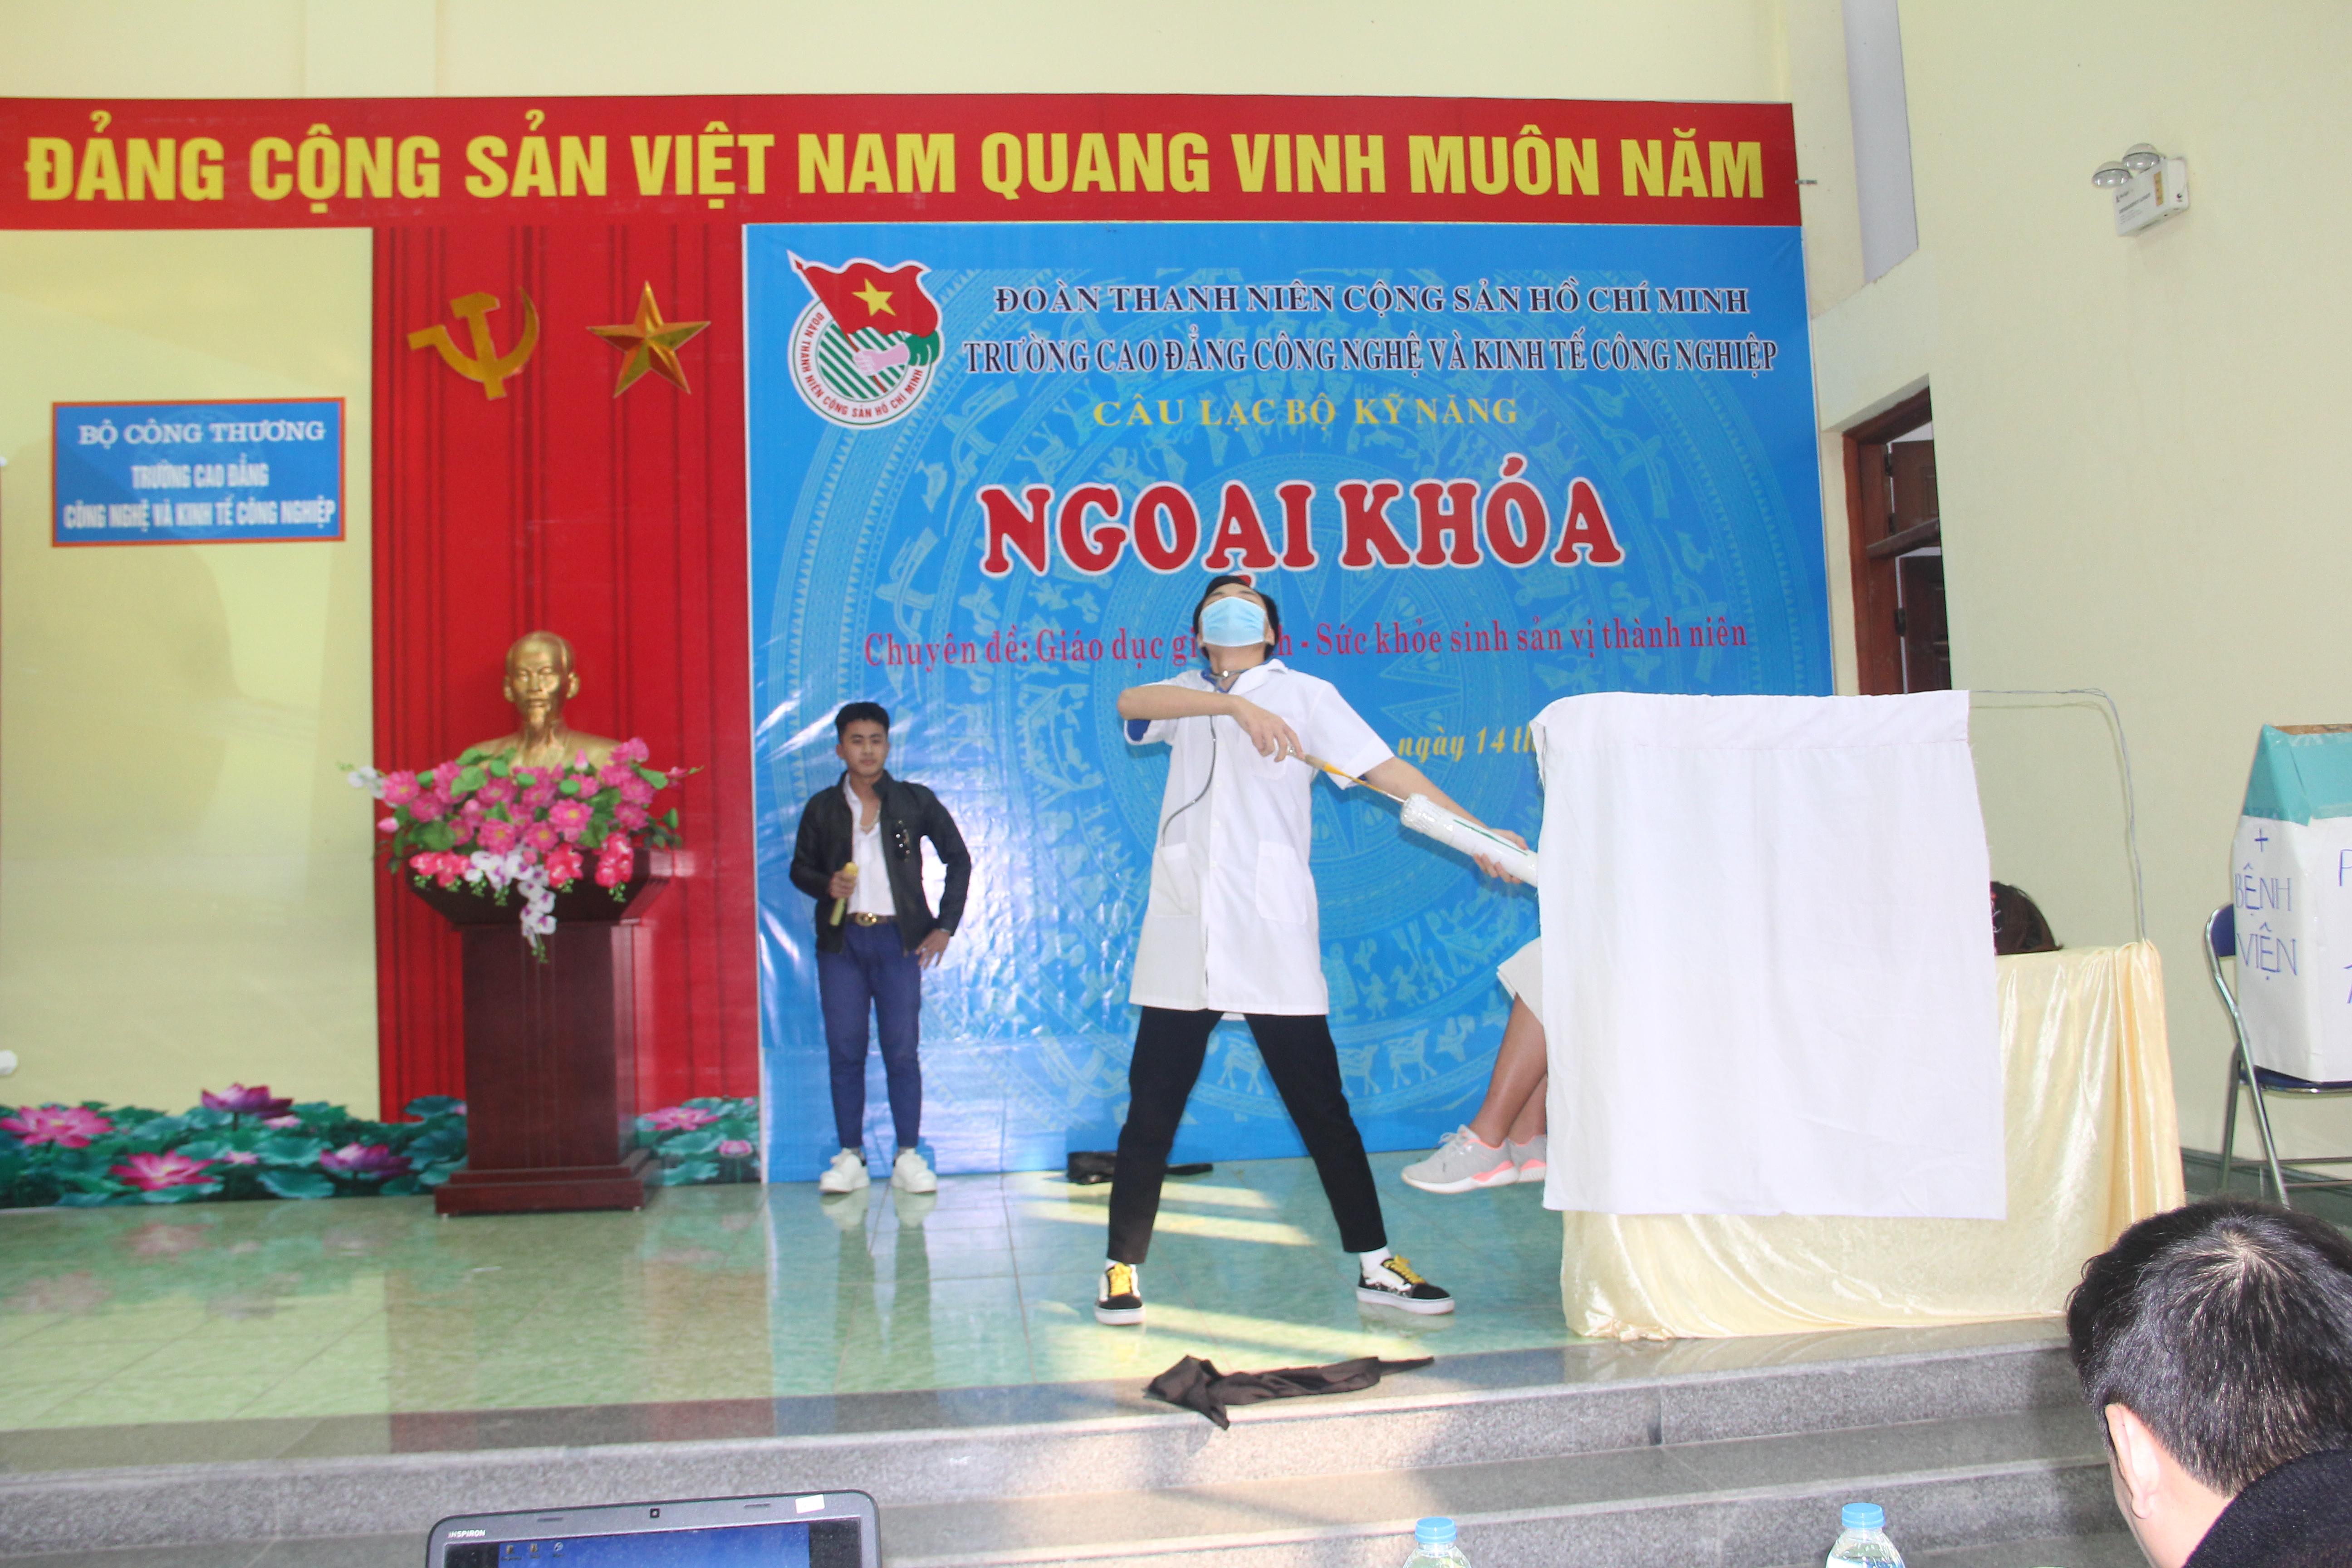 Media/2_TH1029/Images/img-3864jpgb4d5eefd-d-e.jpg